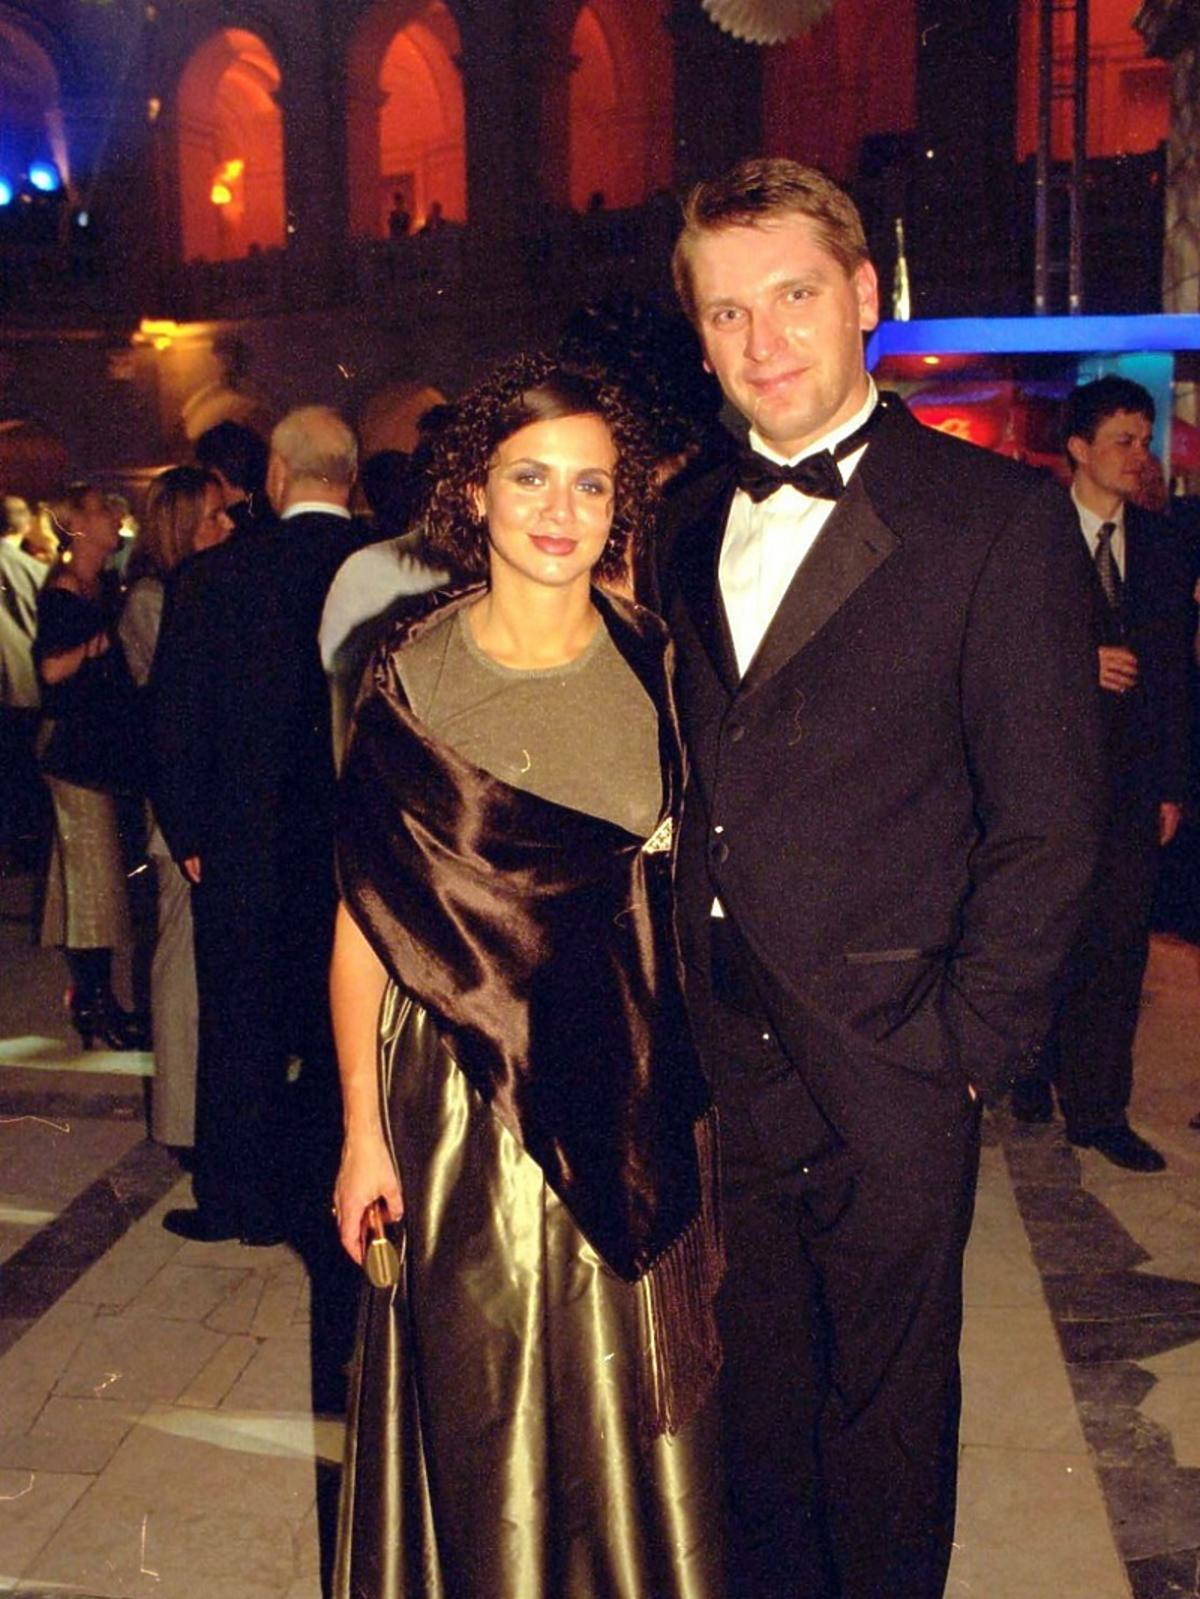 Kinga Rusin w długiej złotej sukni i Tomasz Lis w garniturze na Charytatywnym Balu Dziennikarzy pozują fotoreporterom